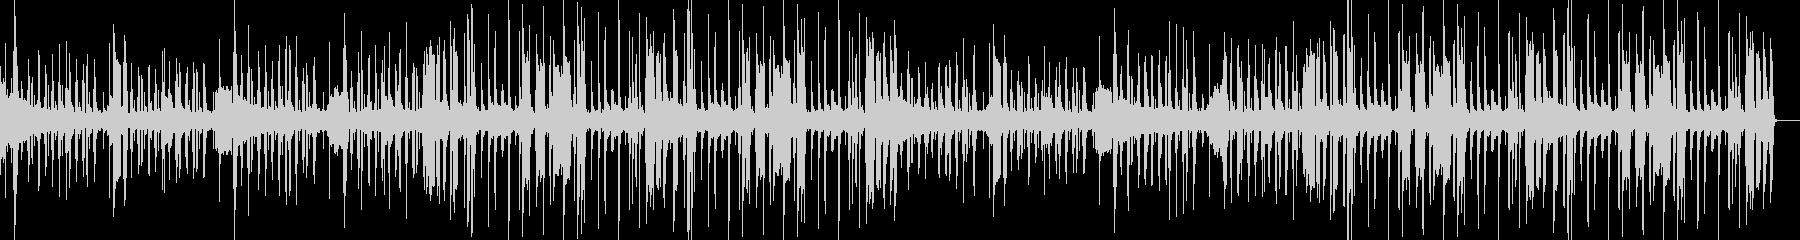 ファンク・フュージョンっぽいブラスの曲の未再生の波形